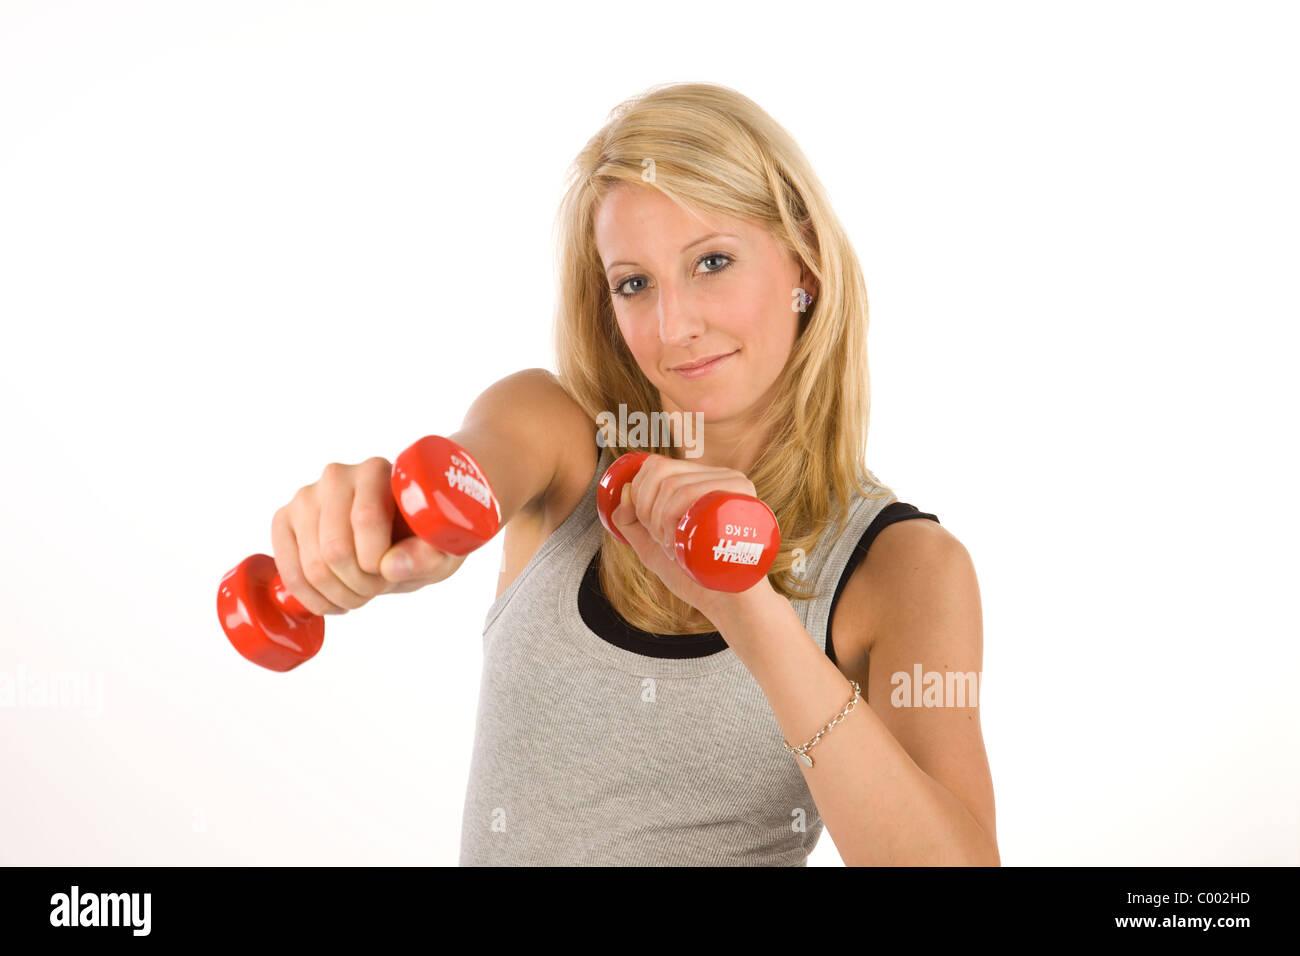 Junge blonde Frau in Sportkleidung mit Hanteln - Stock Image